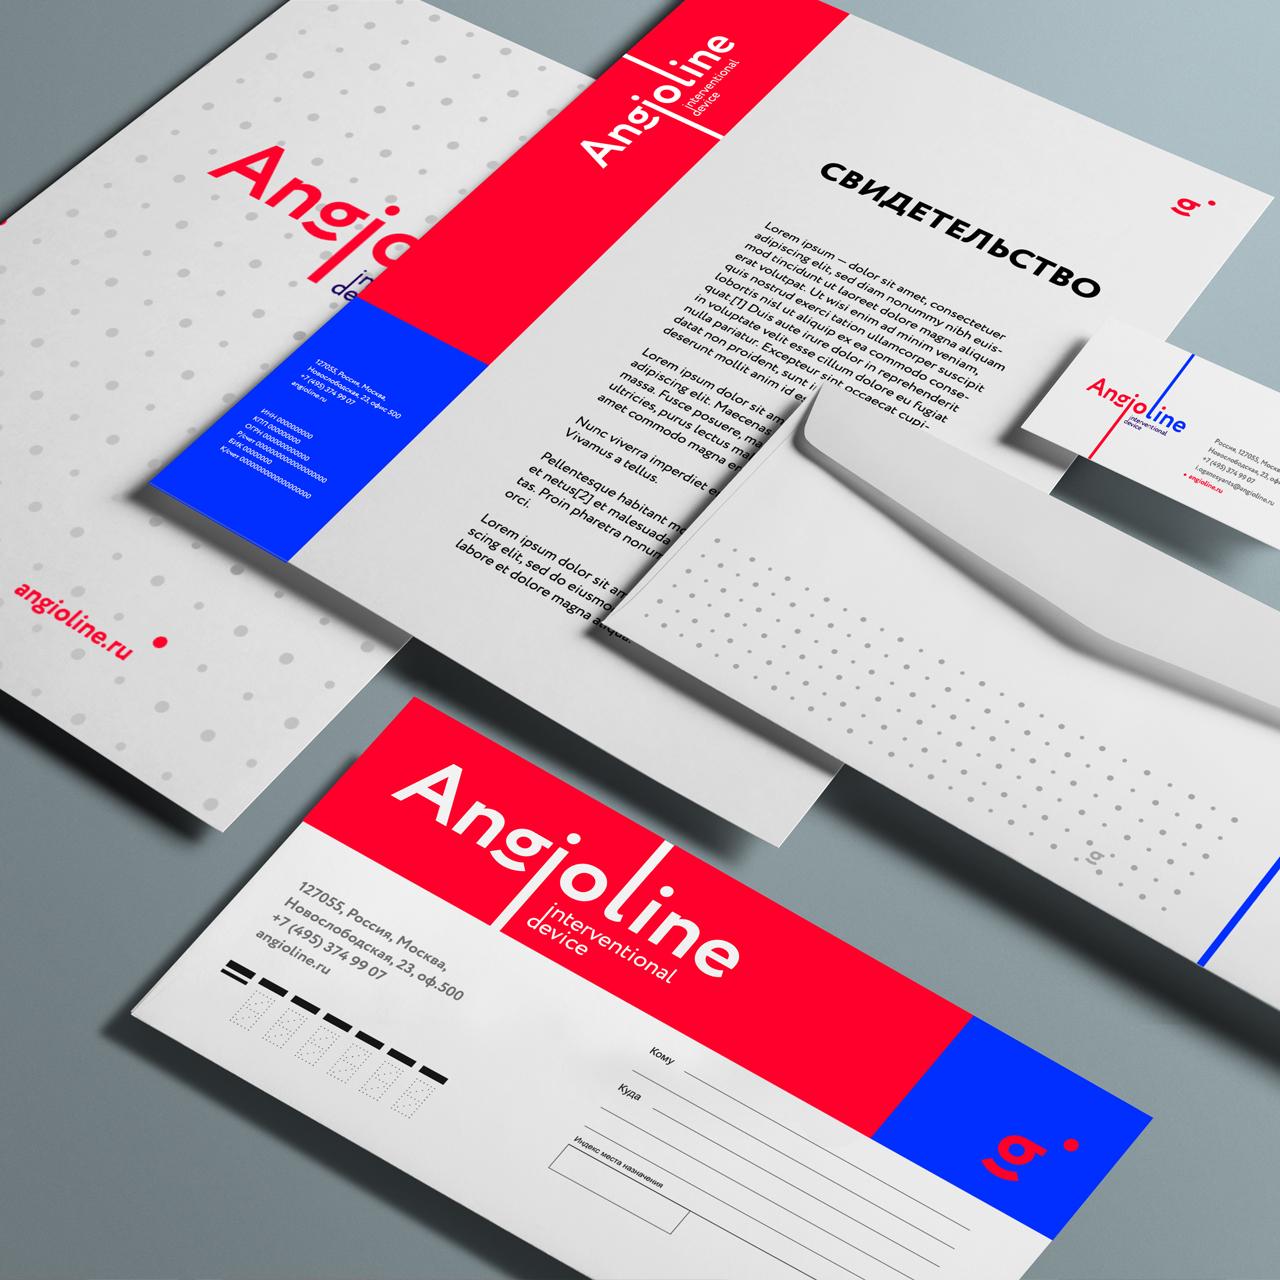 Ангиолайн, фирменный стиль, пример деловой документации